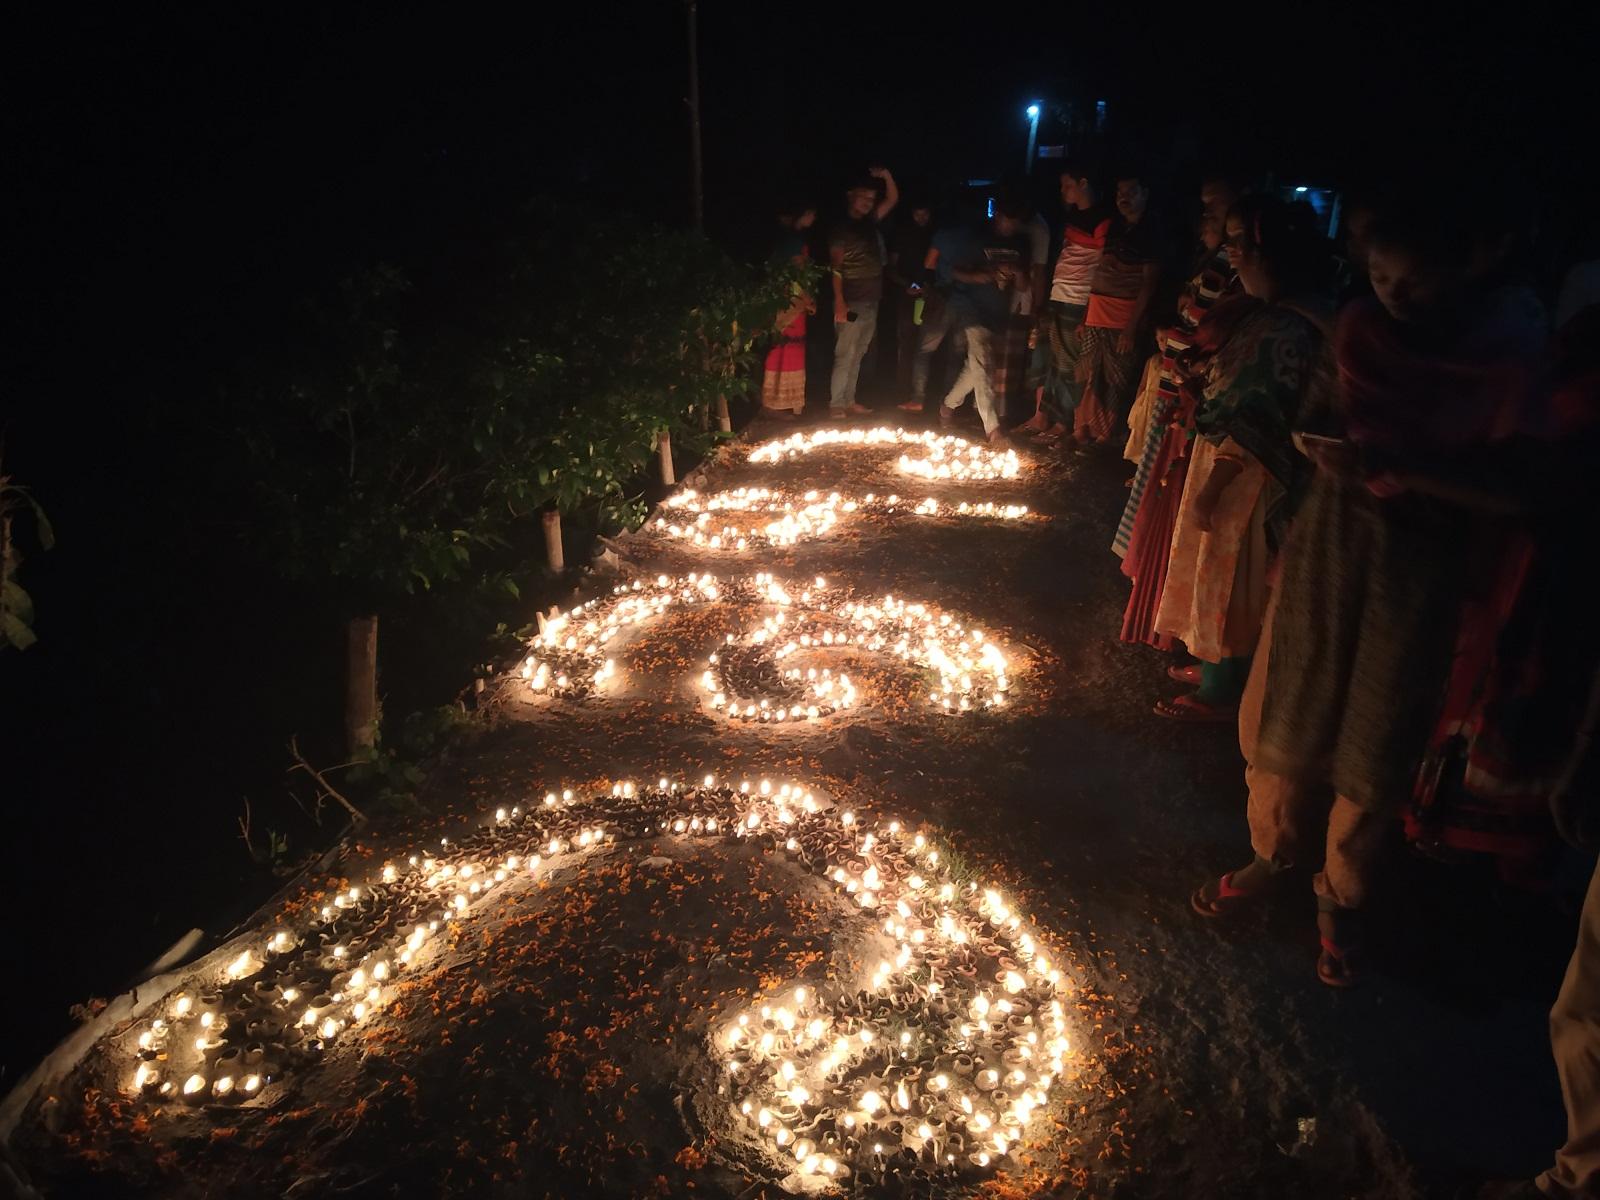 শ্যামা কালী পূজায় ৭১' শহীদদের স্মরণ